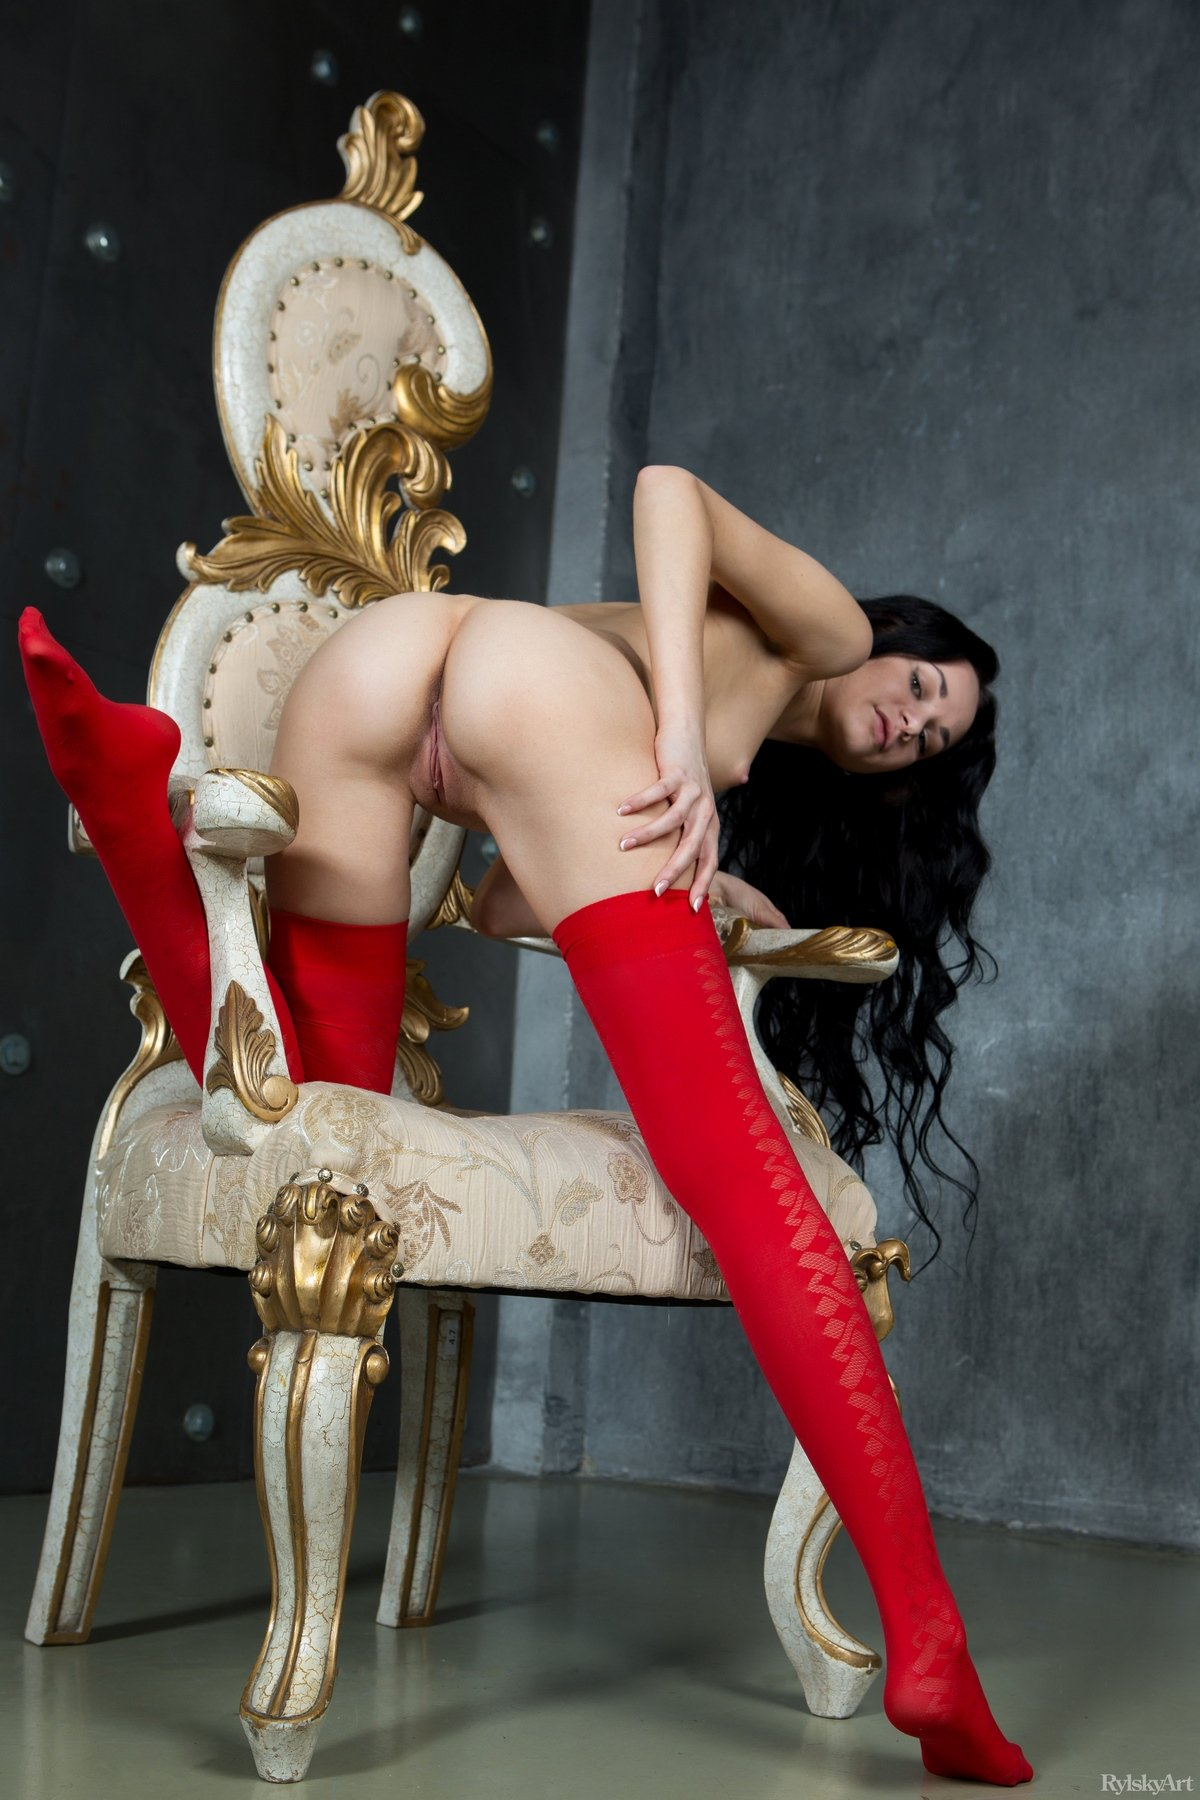 Очень роскошная шатенка в красных носках смотреть эротику